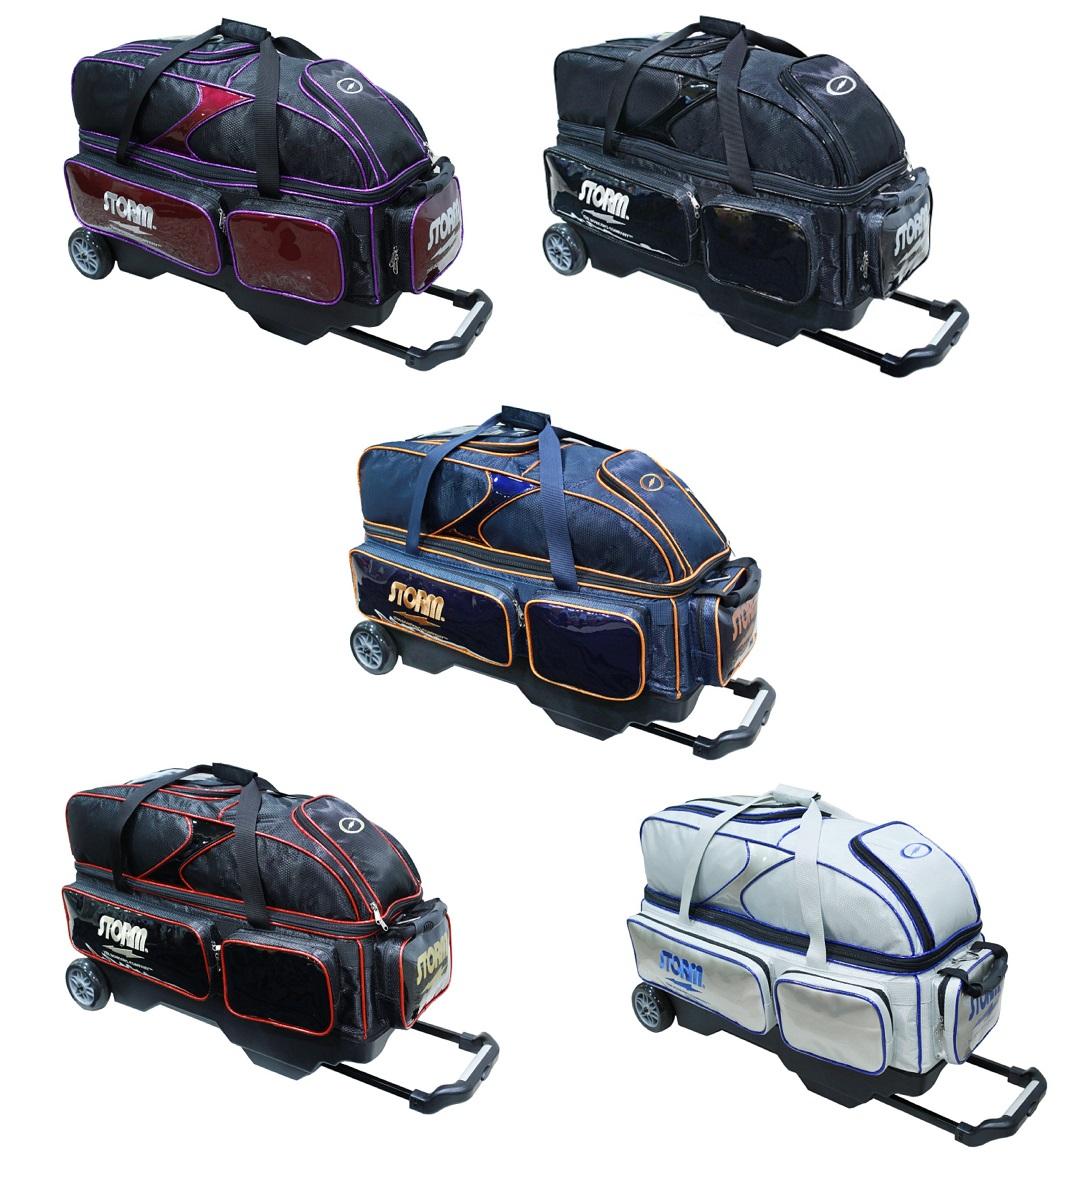 STORM ボウリング バッグ SB228-CI 3ボール キャリーバッグ 全5色 ストーム バッグ ボウリング用品 ボーリング グッズ